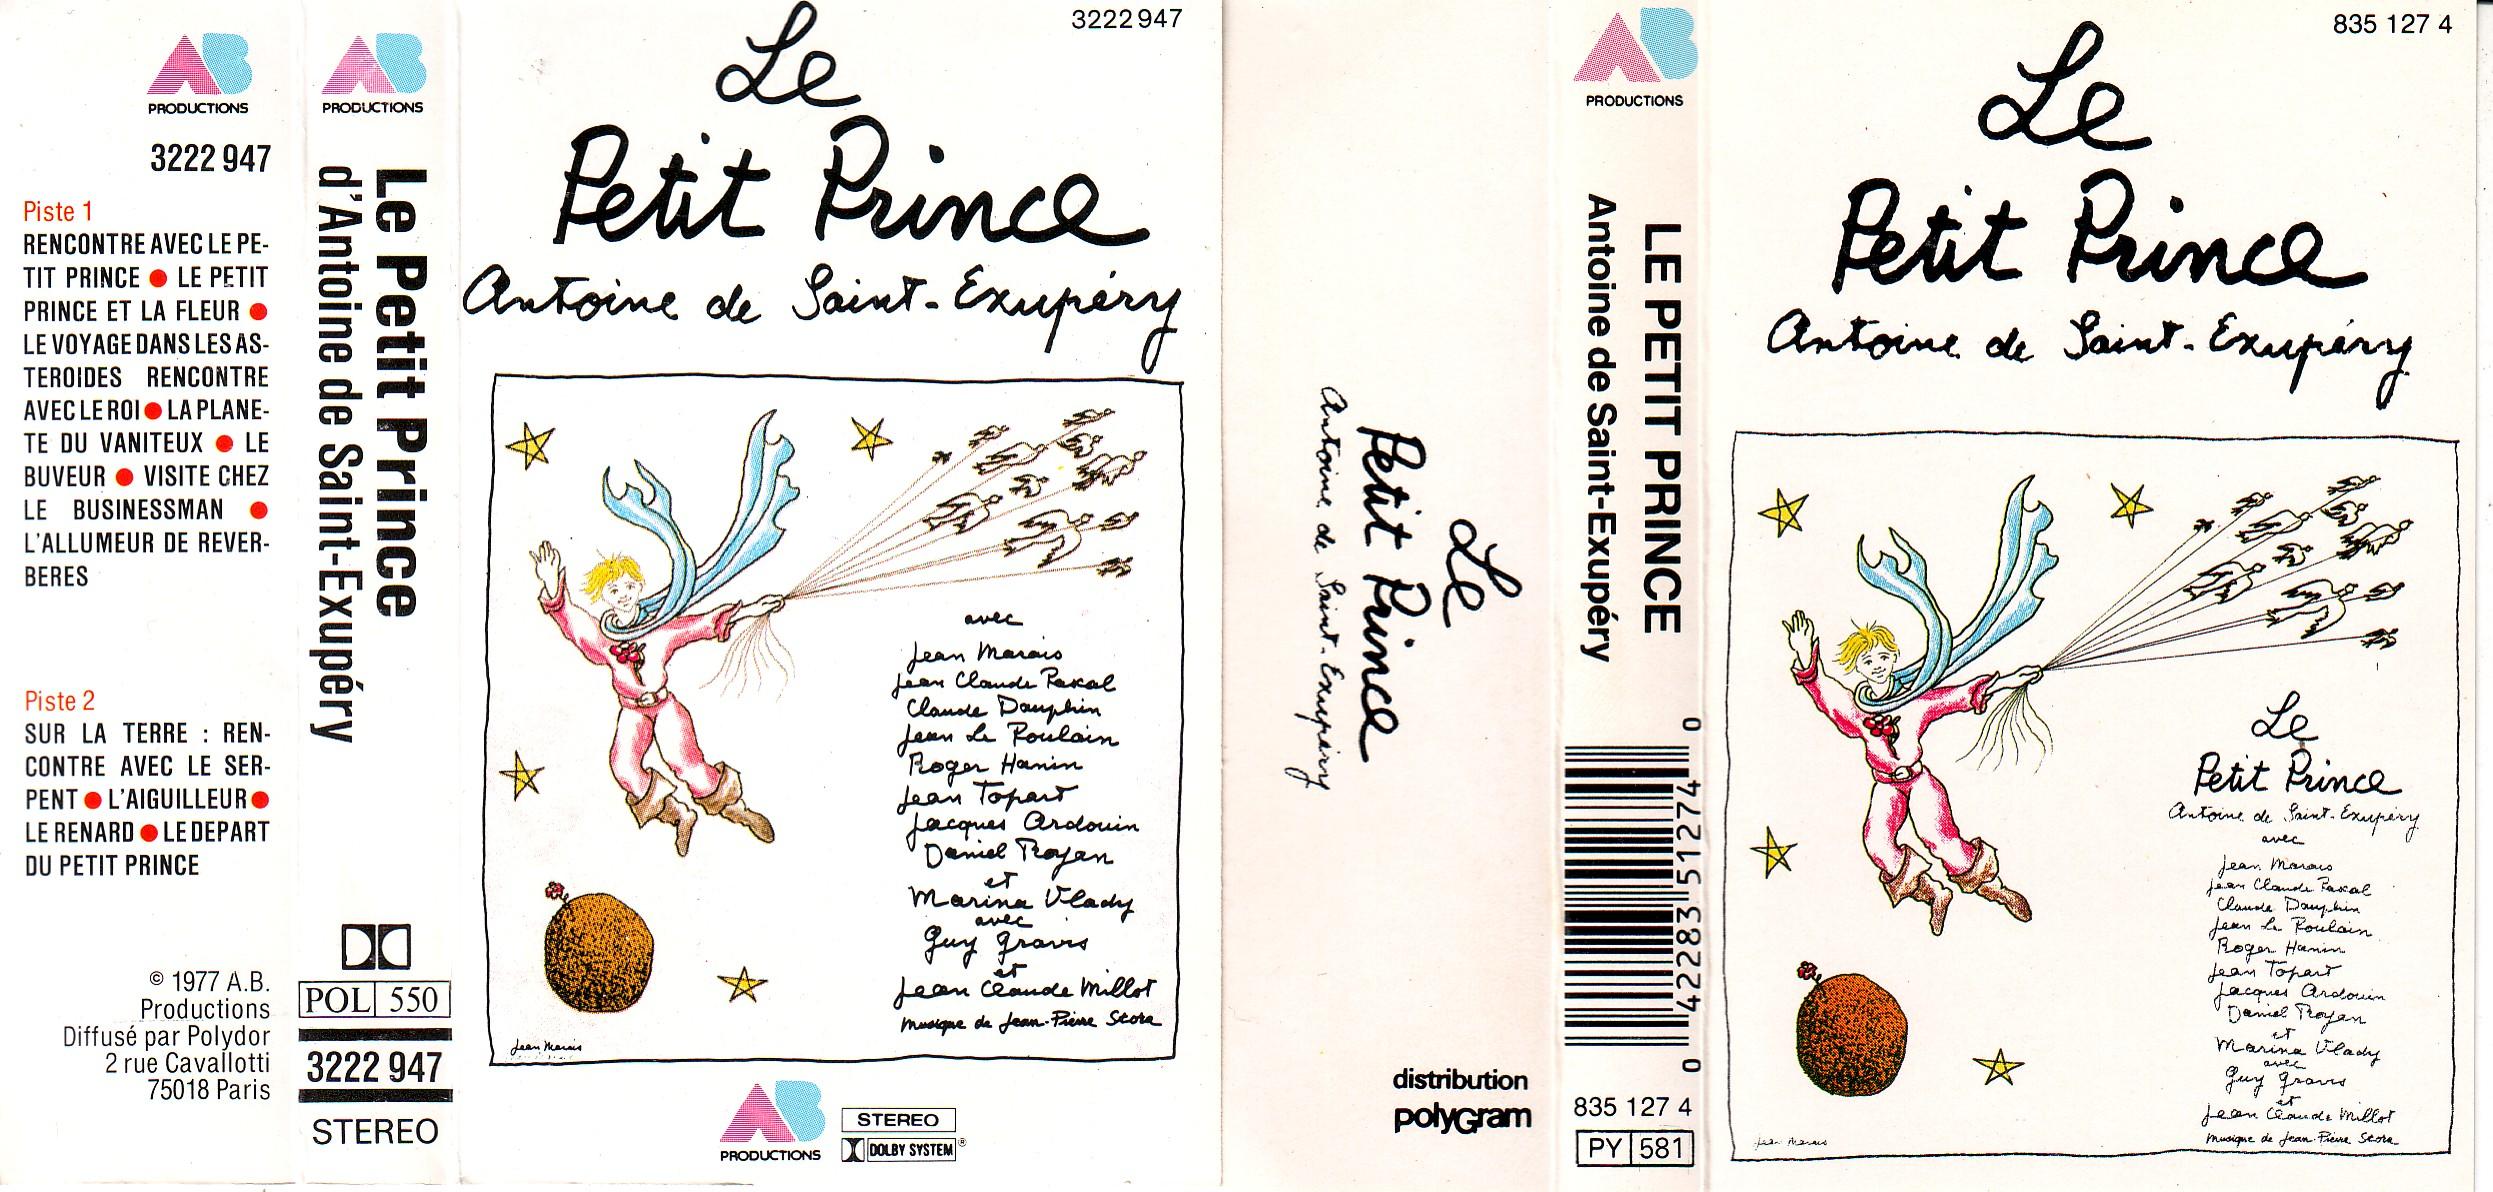 Dorothée et AB Productions Lepeprince1